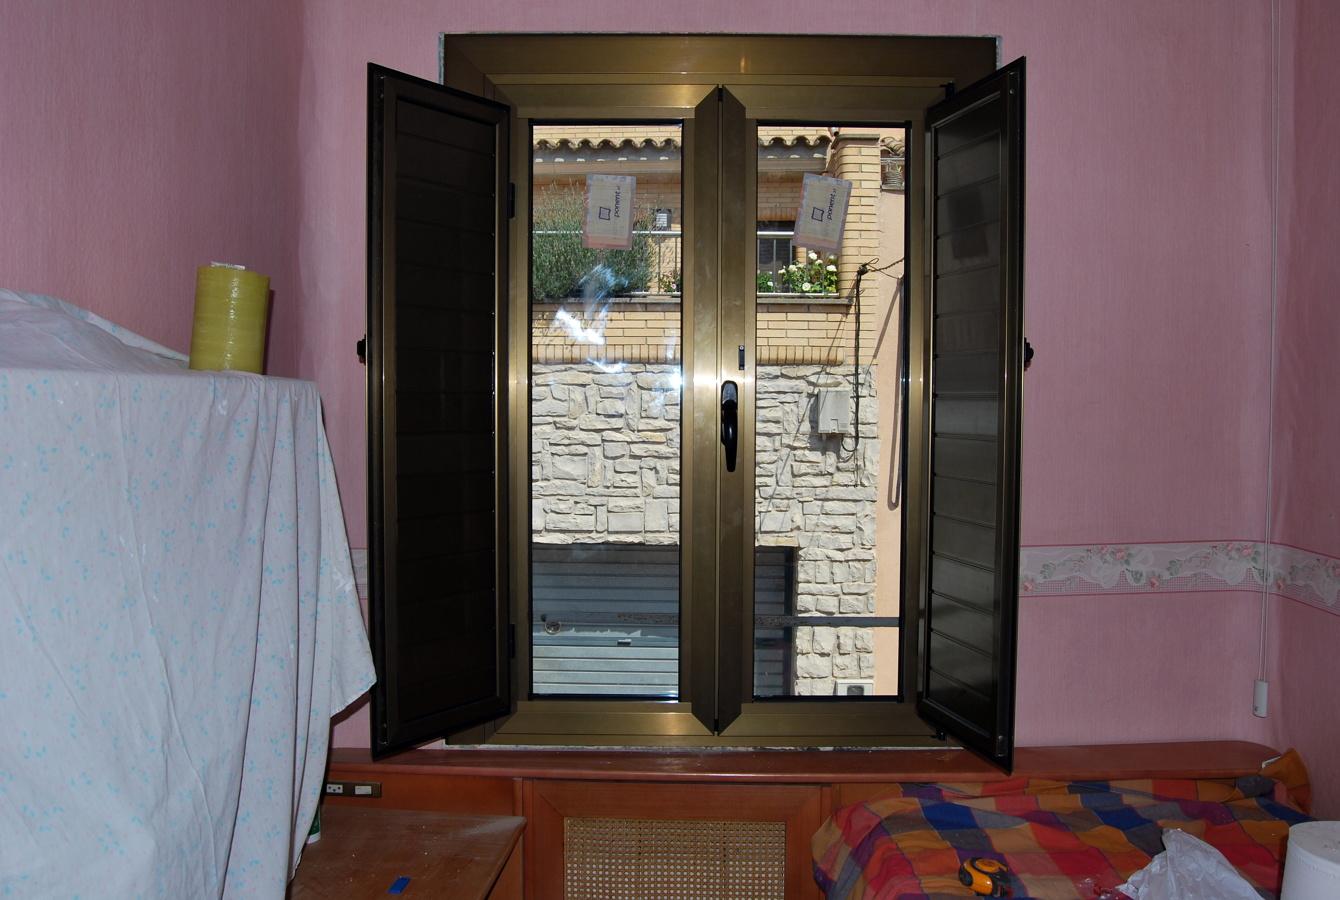 Foto ventana color bronce de tancaments d 39 alumini alugom for Ventanas de aluminio color bronce